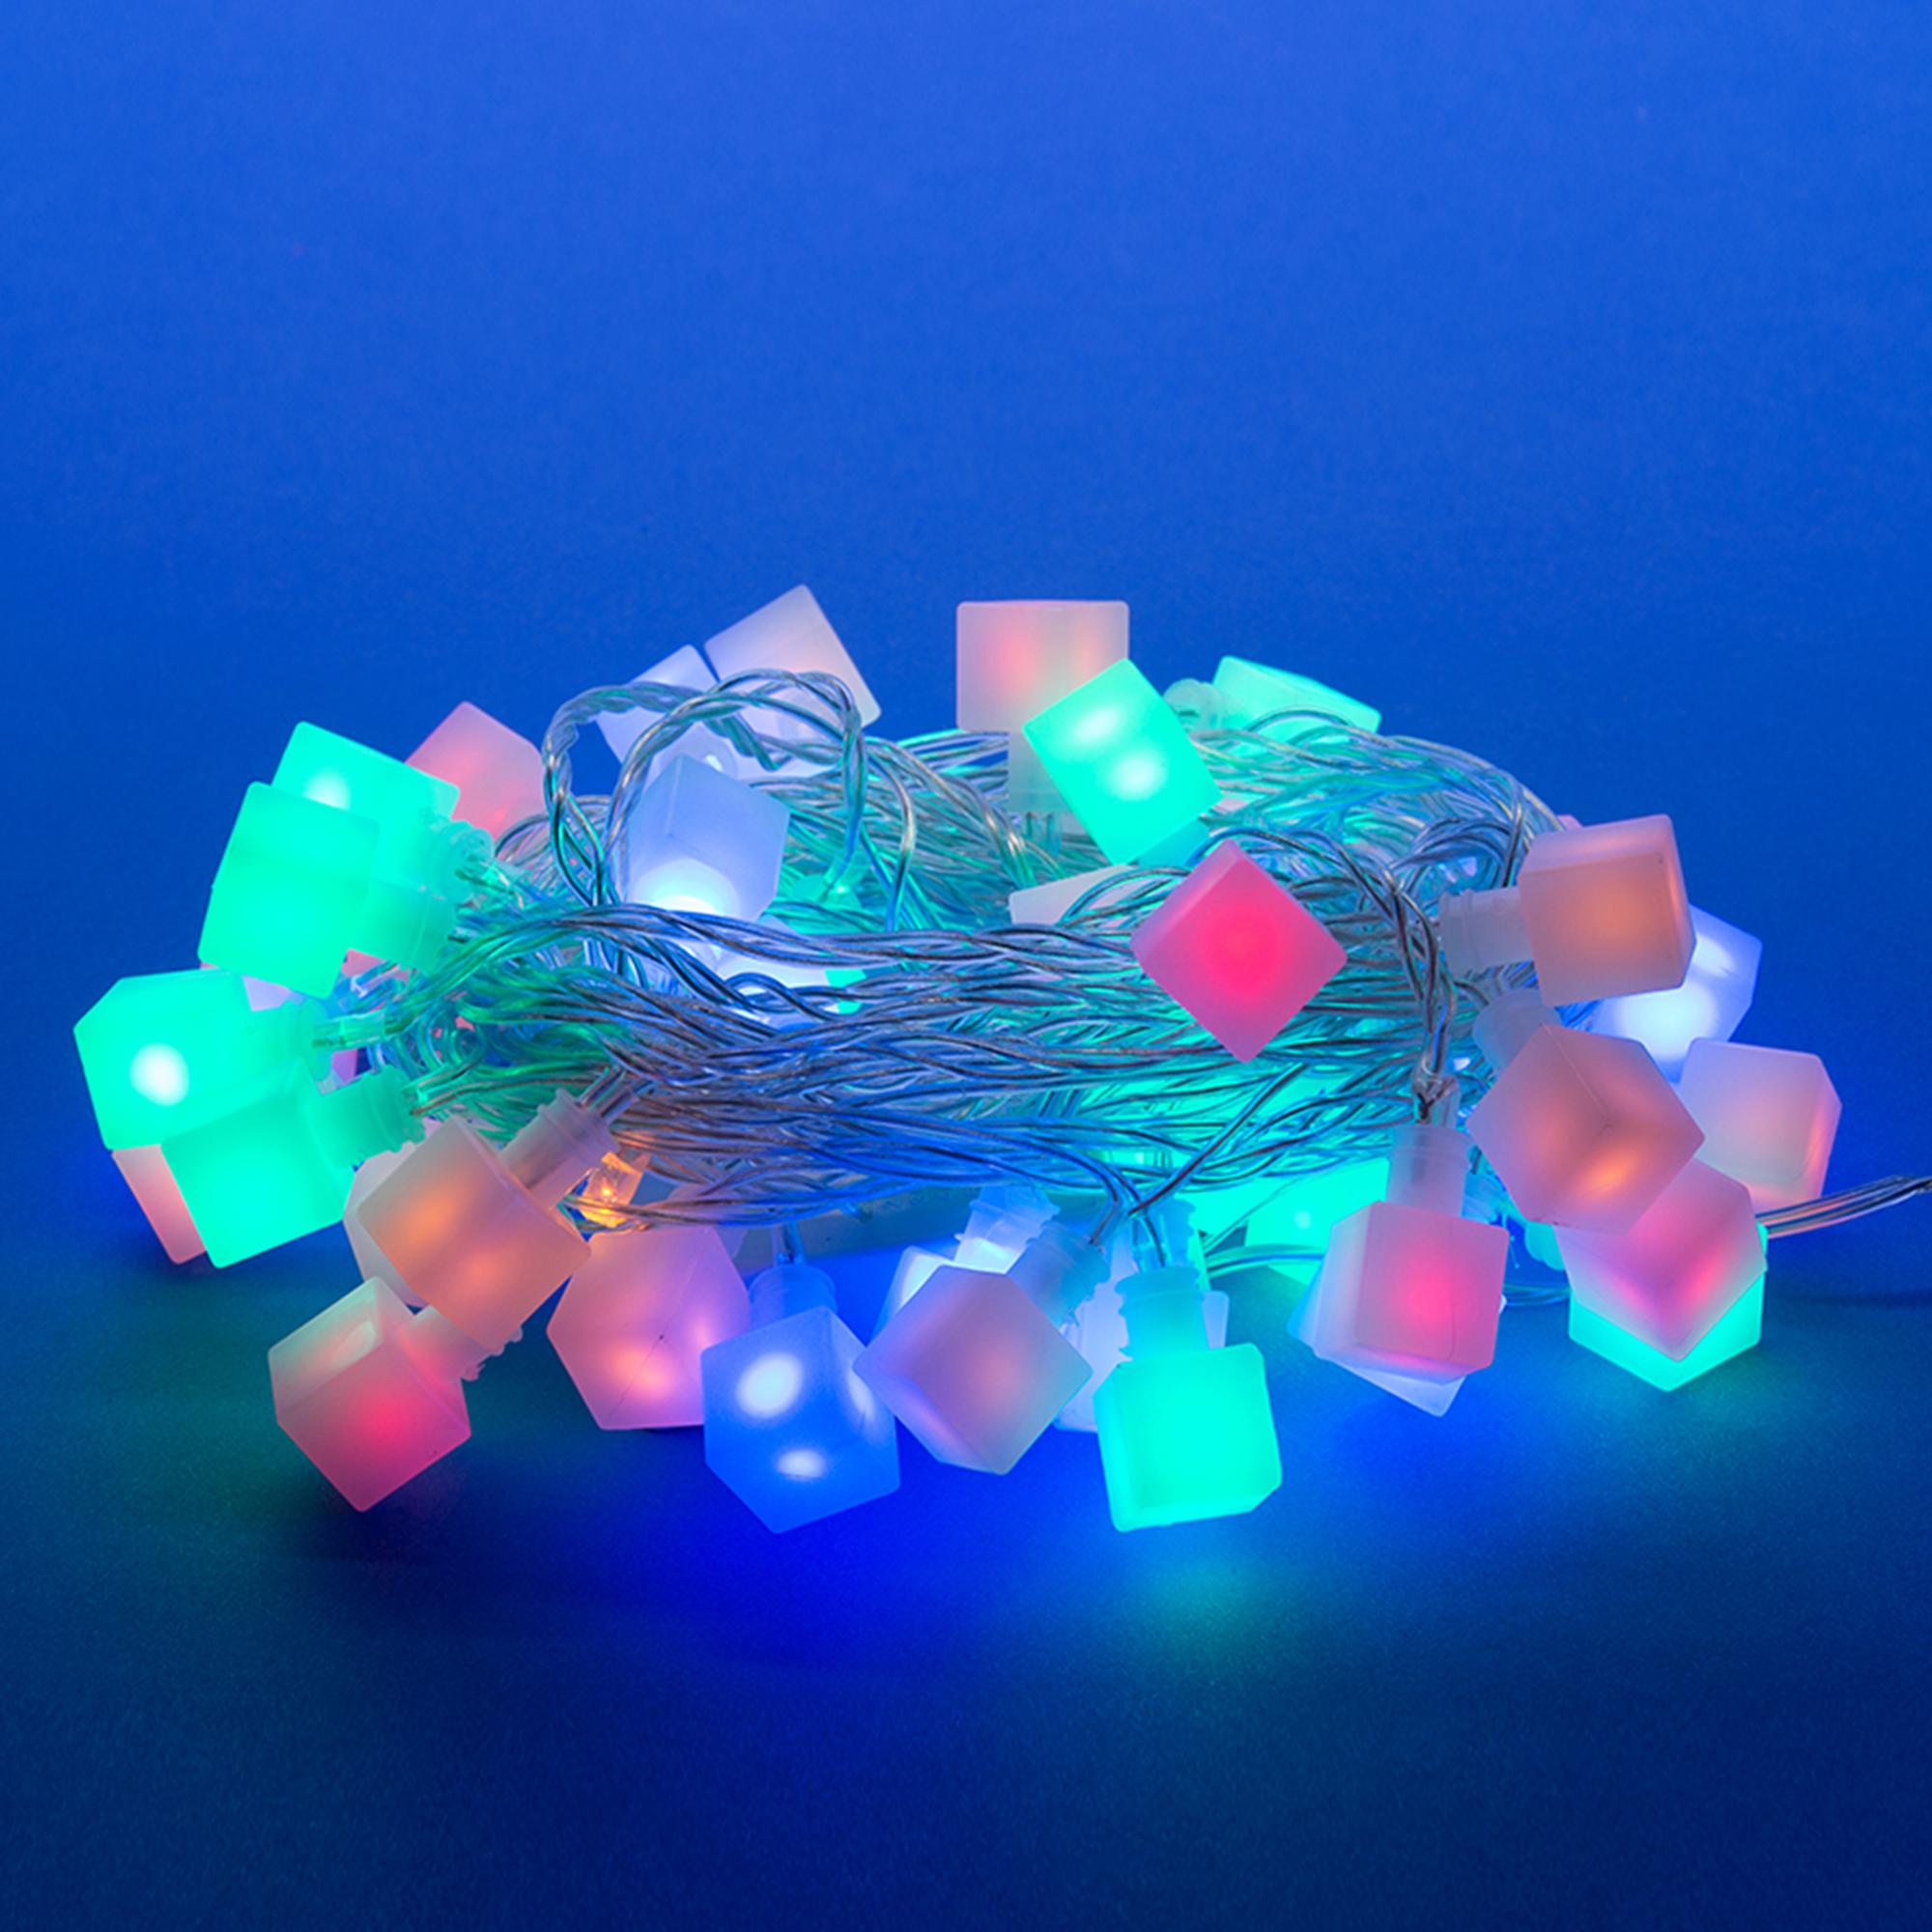 Гирлянда светодиодная с контроллером ULD-S0700-050/DTA Кубики, 50 светодиодов, 7 м, разноцветная, IP20,провод прозрачный